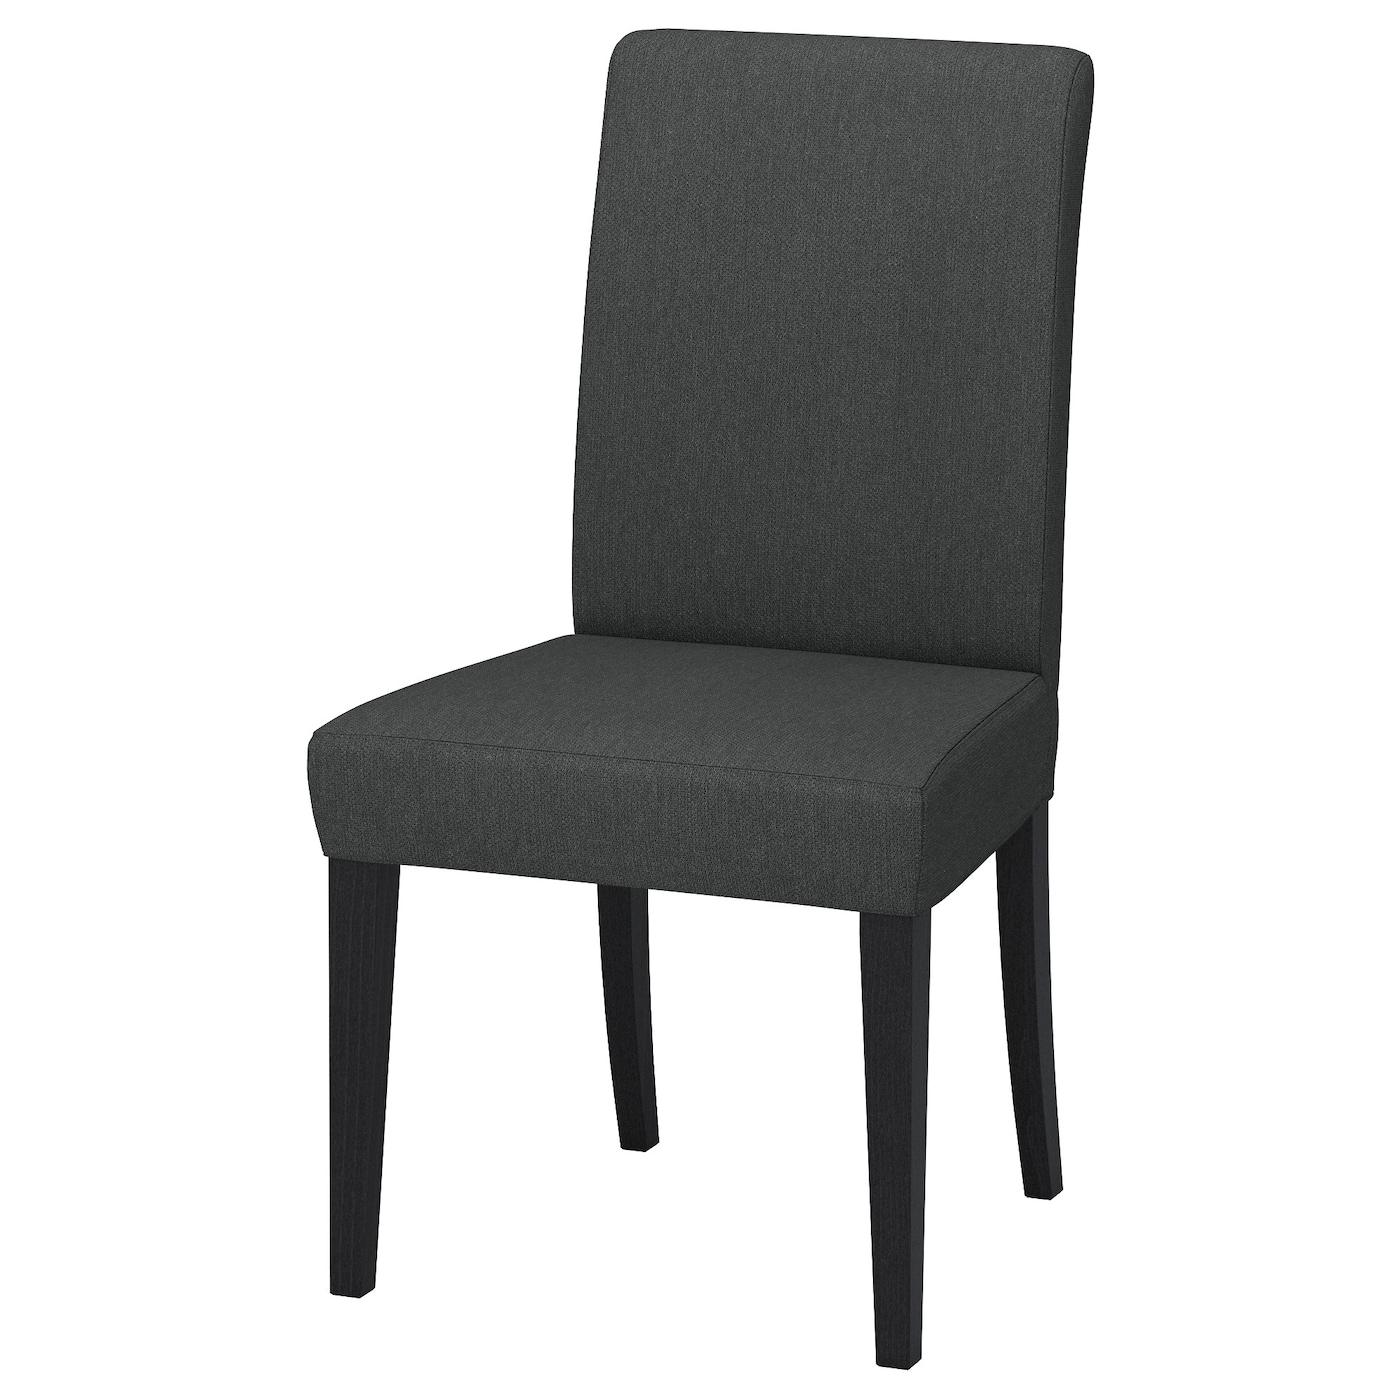 Chaises Design Scandinave Moderne Vintage Pas Cher Ikea